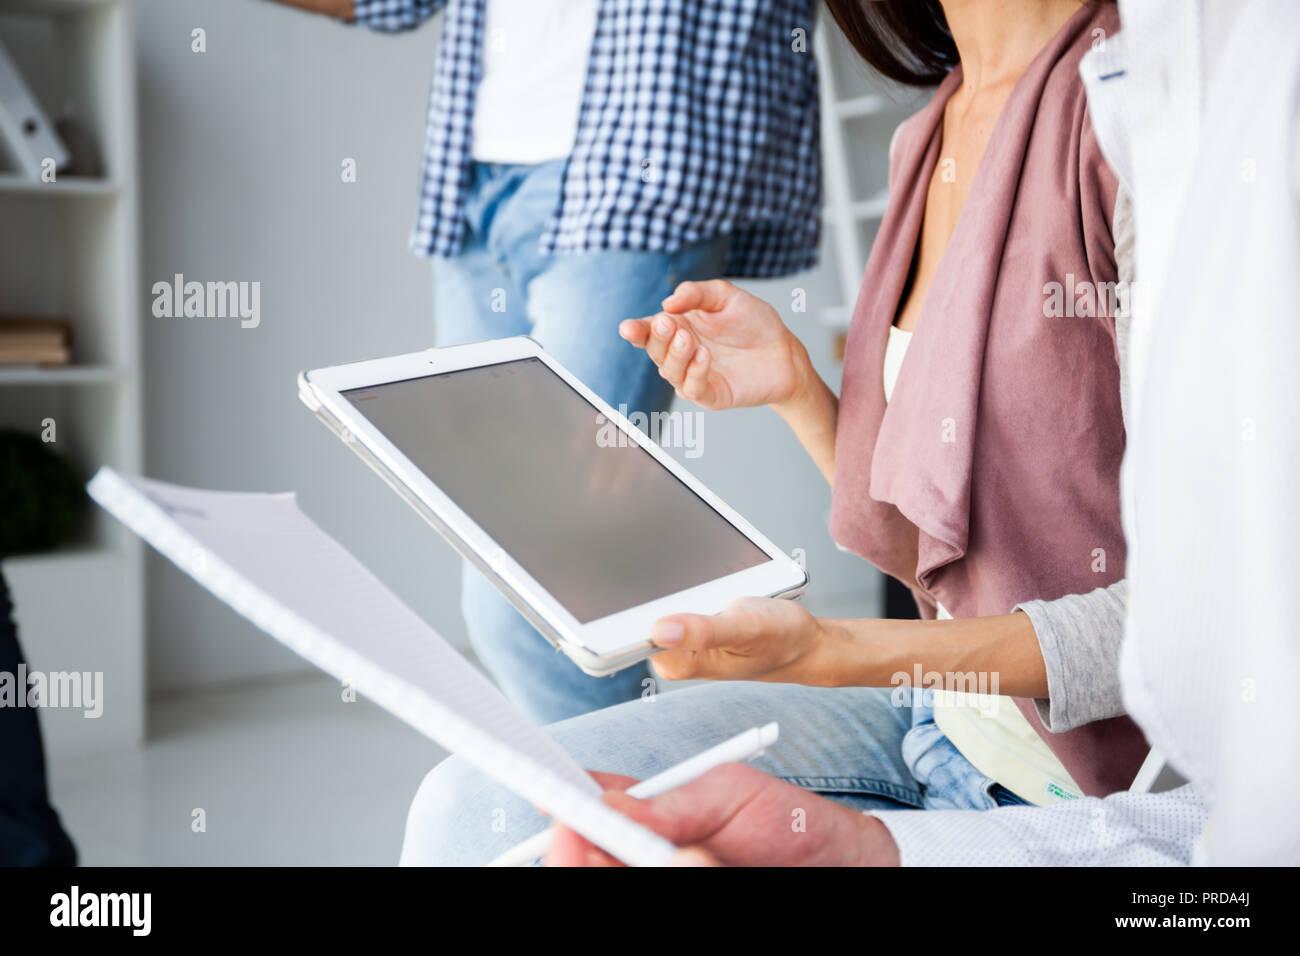 Bureau d'affaires, concept. Woman's hands using tablet avec document financier Banque D'Images